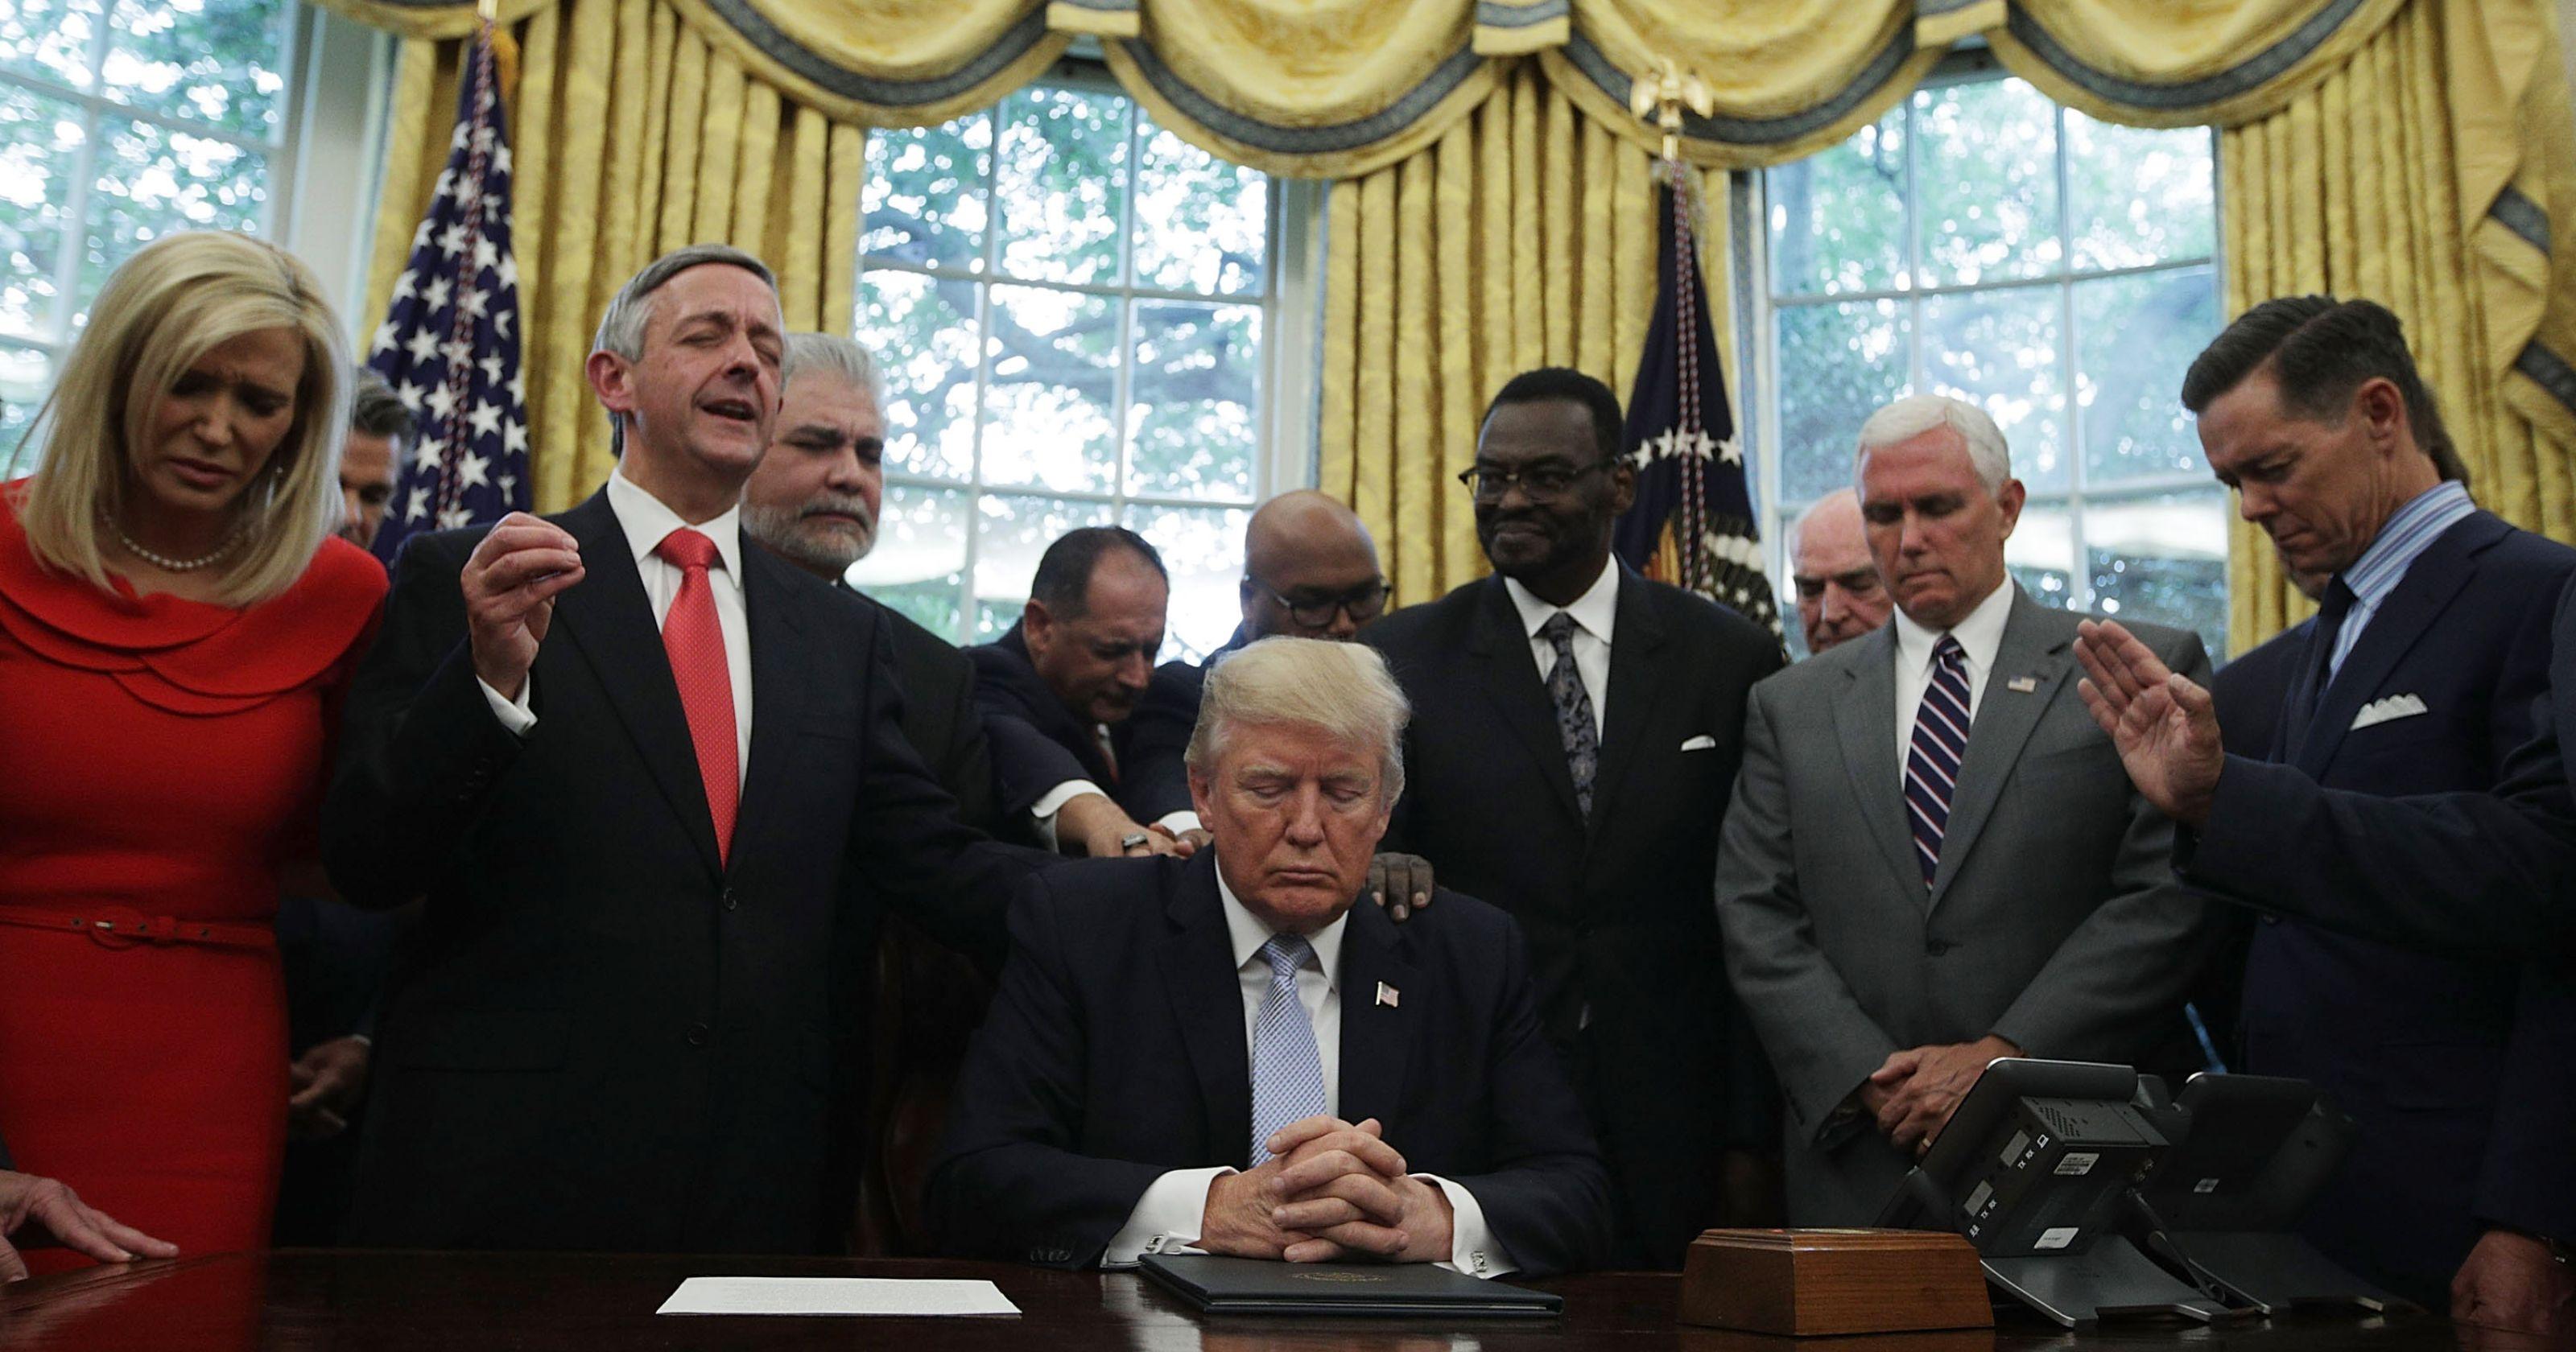 Des leaders chrétiens évangéliques ont prié pour le président Donald Trump afin qu'il soit davantage aimé des Américains.